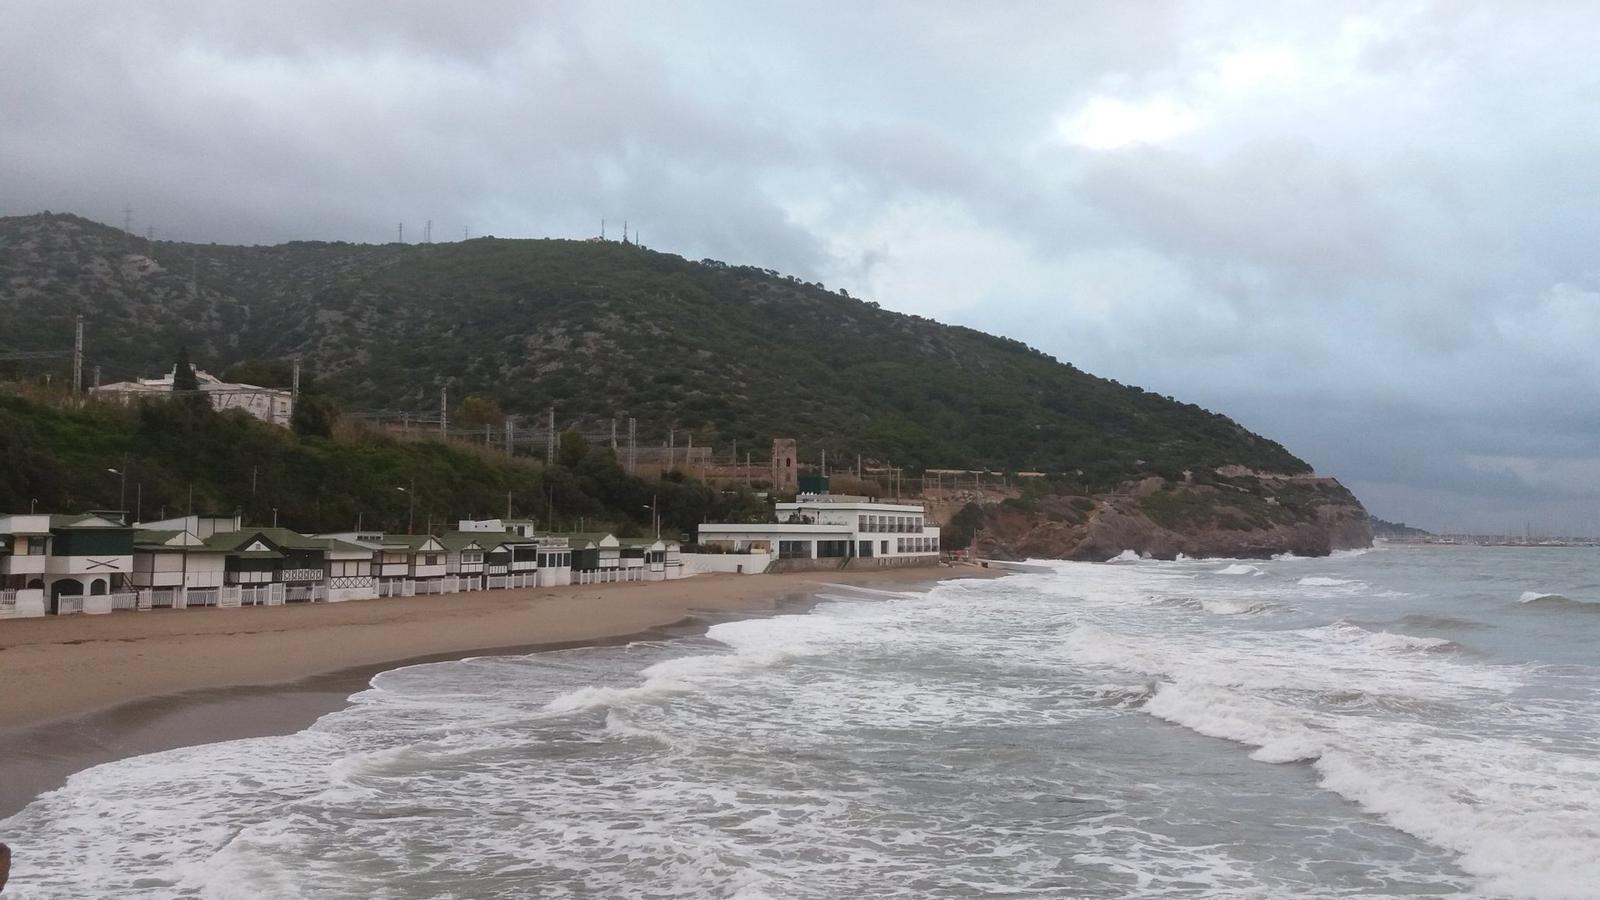 Més pluja, sobretot a les comarques de Girona i a les Terres de l'Ebre